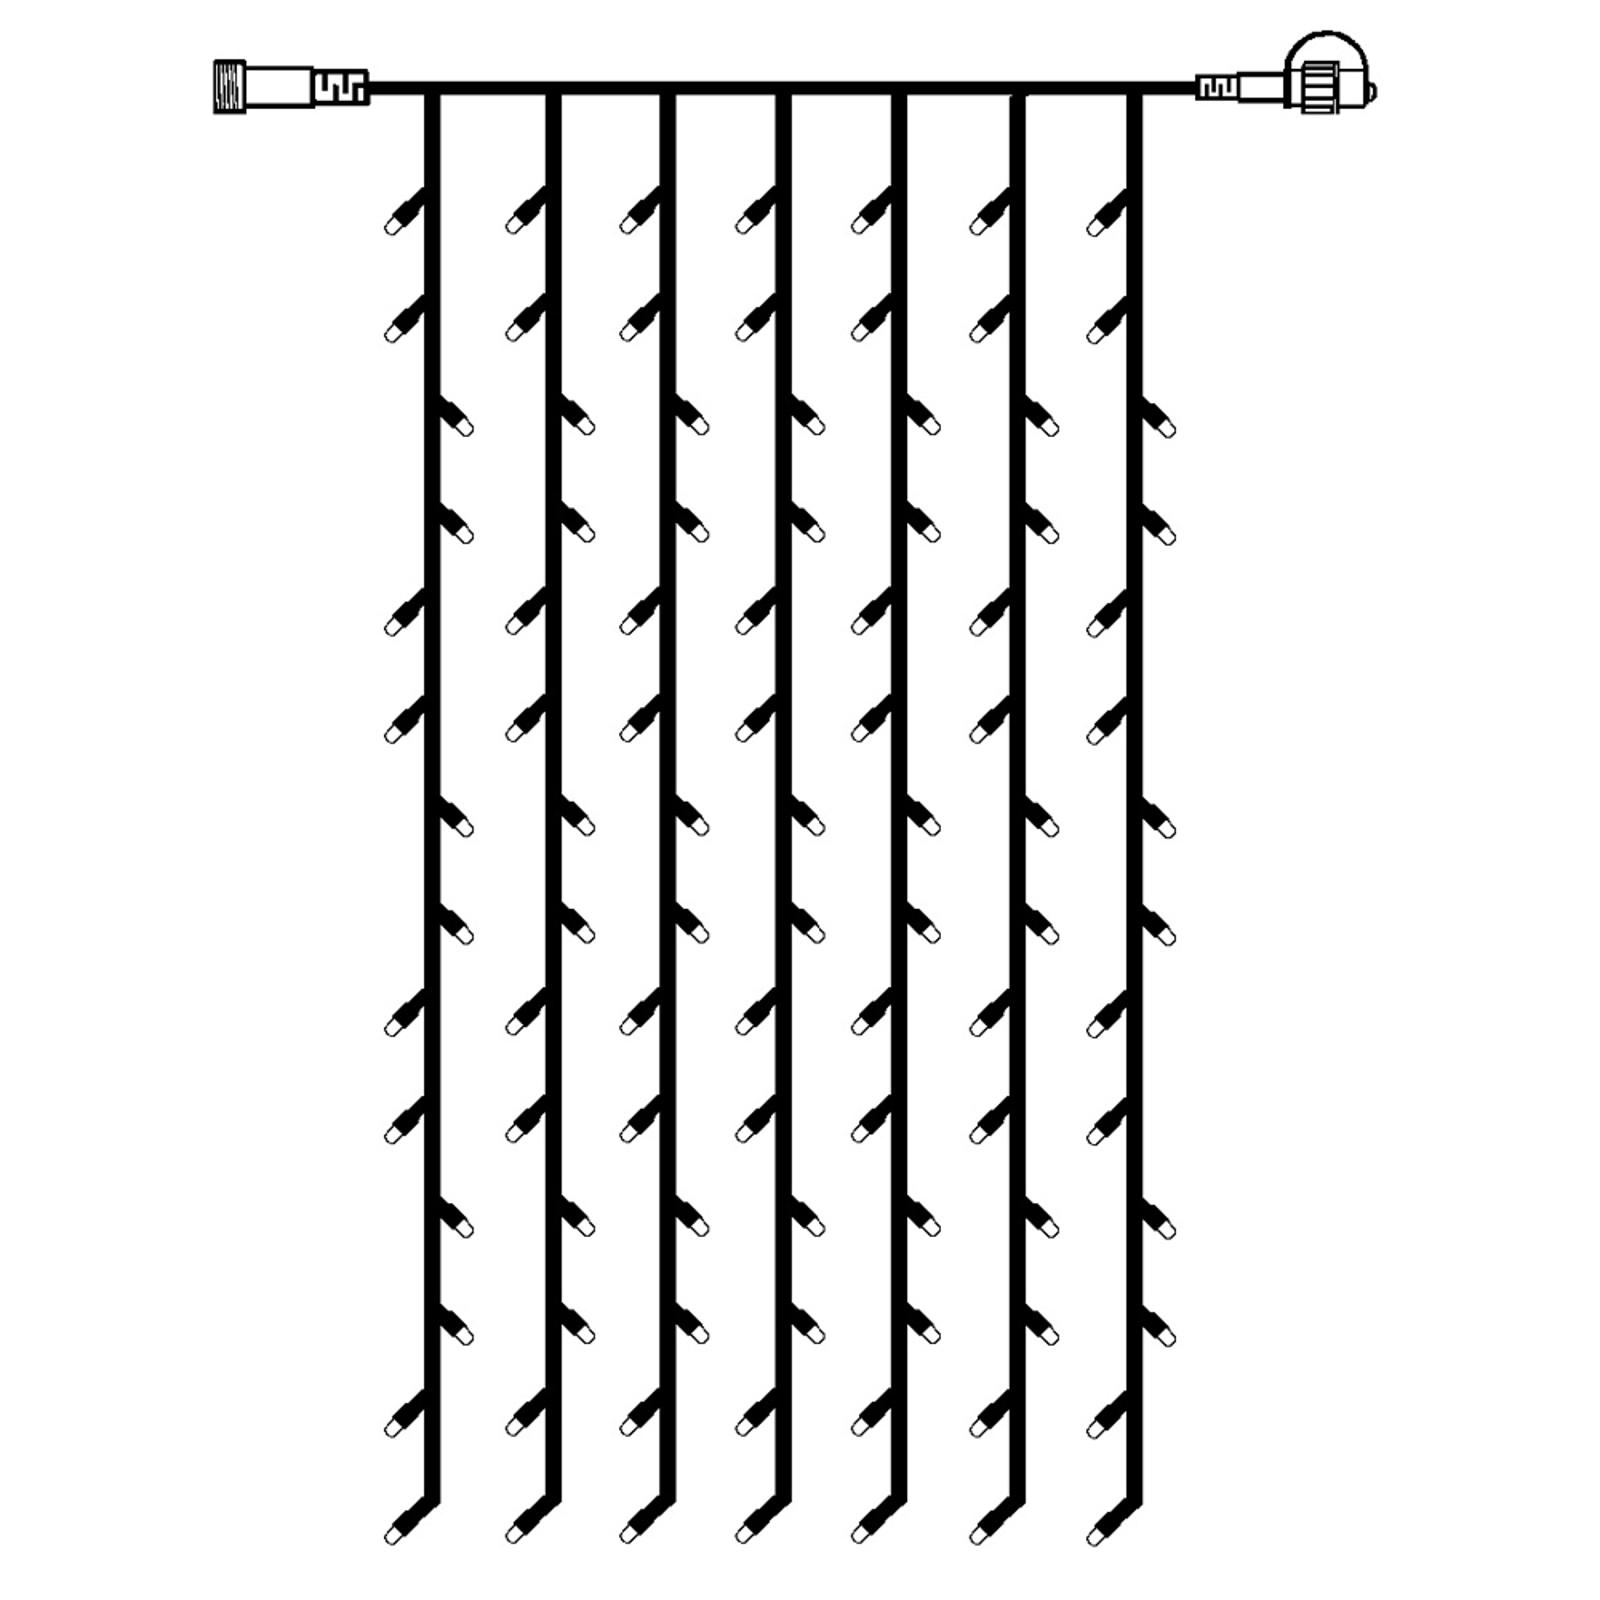 Utvidelselenke LED-lysforheng System 24